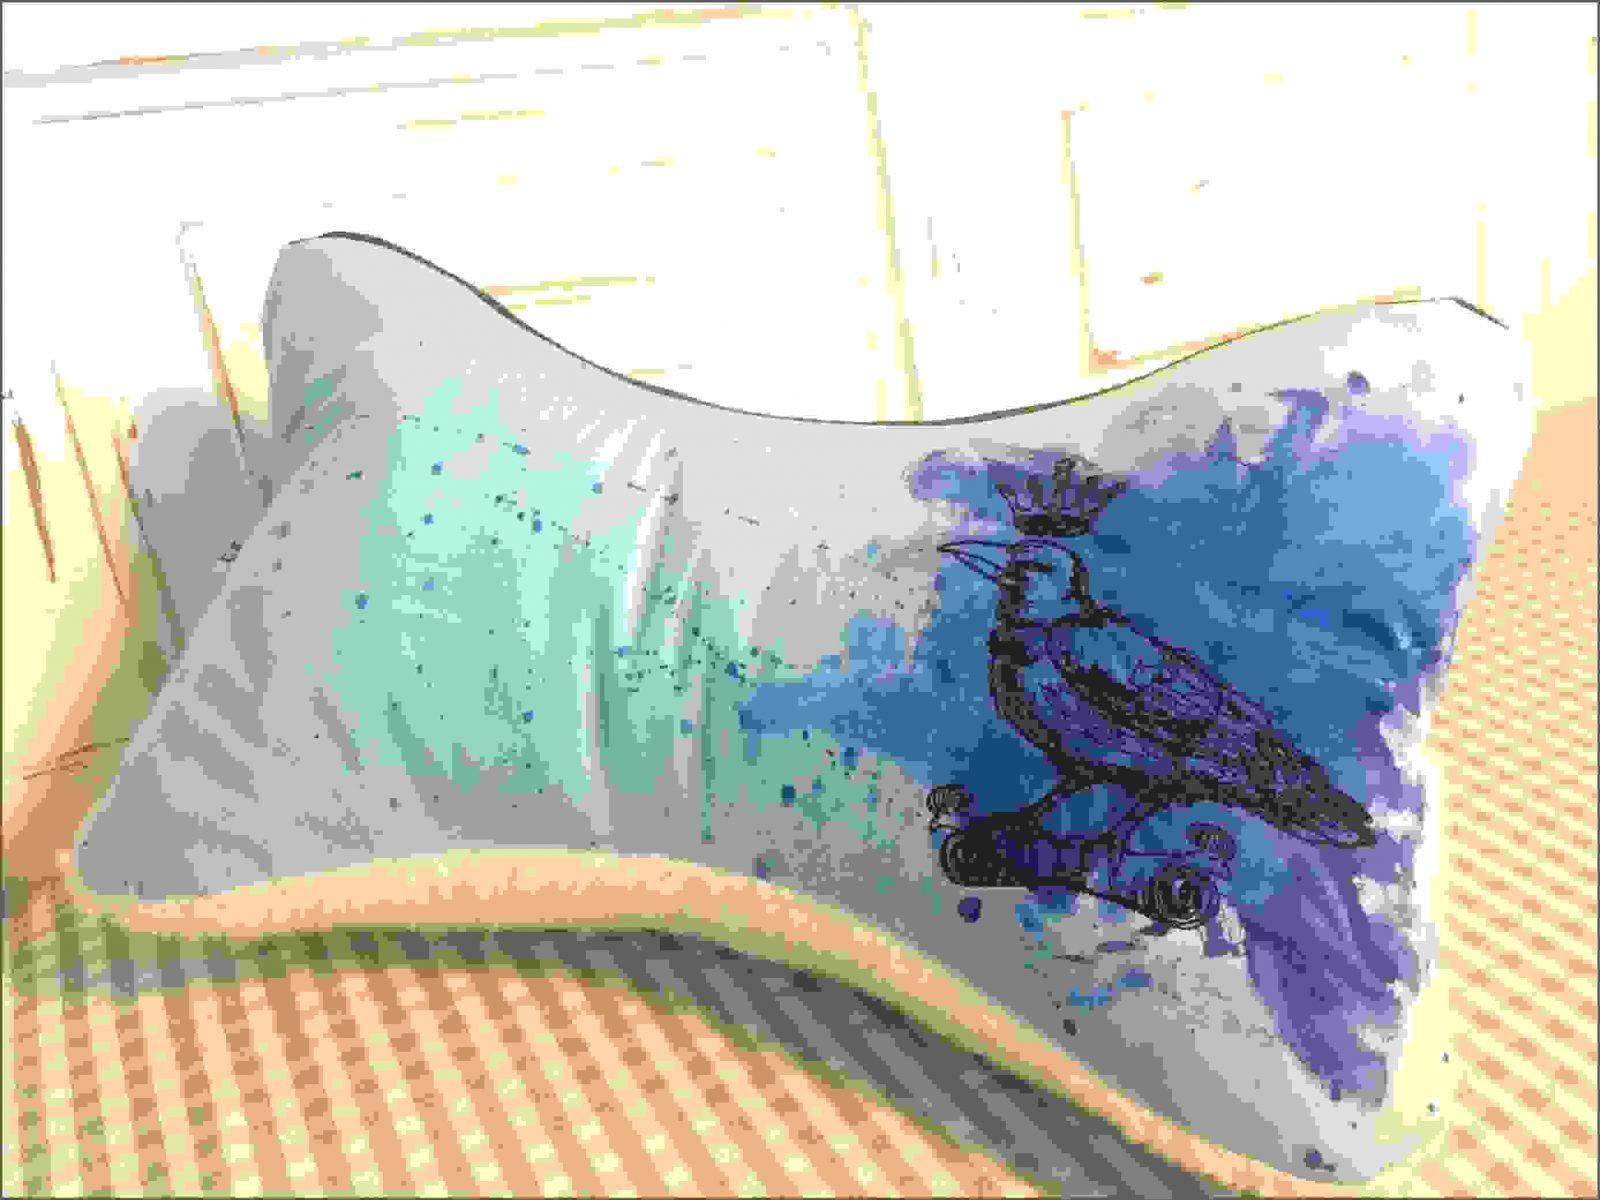 Bettwäsche Selber Gestalten Bettw Sche Selber Bedrucken Foto Von von Bettwäsche Selber Designen Bild